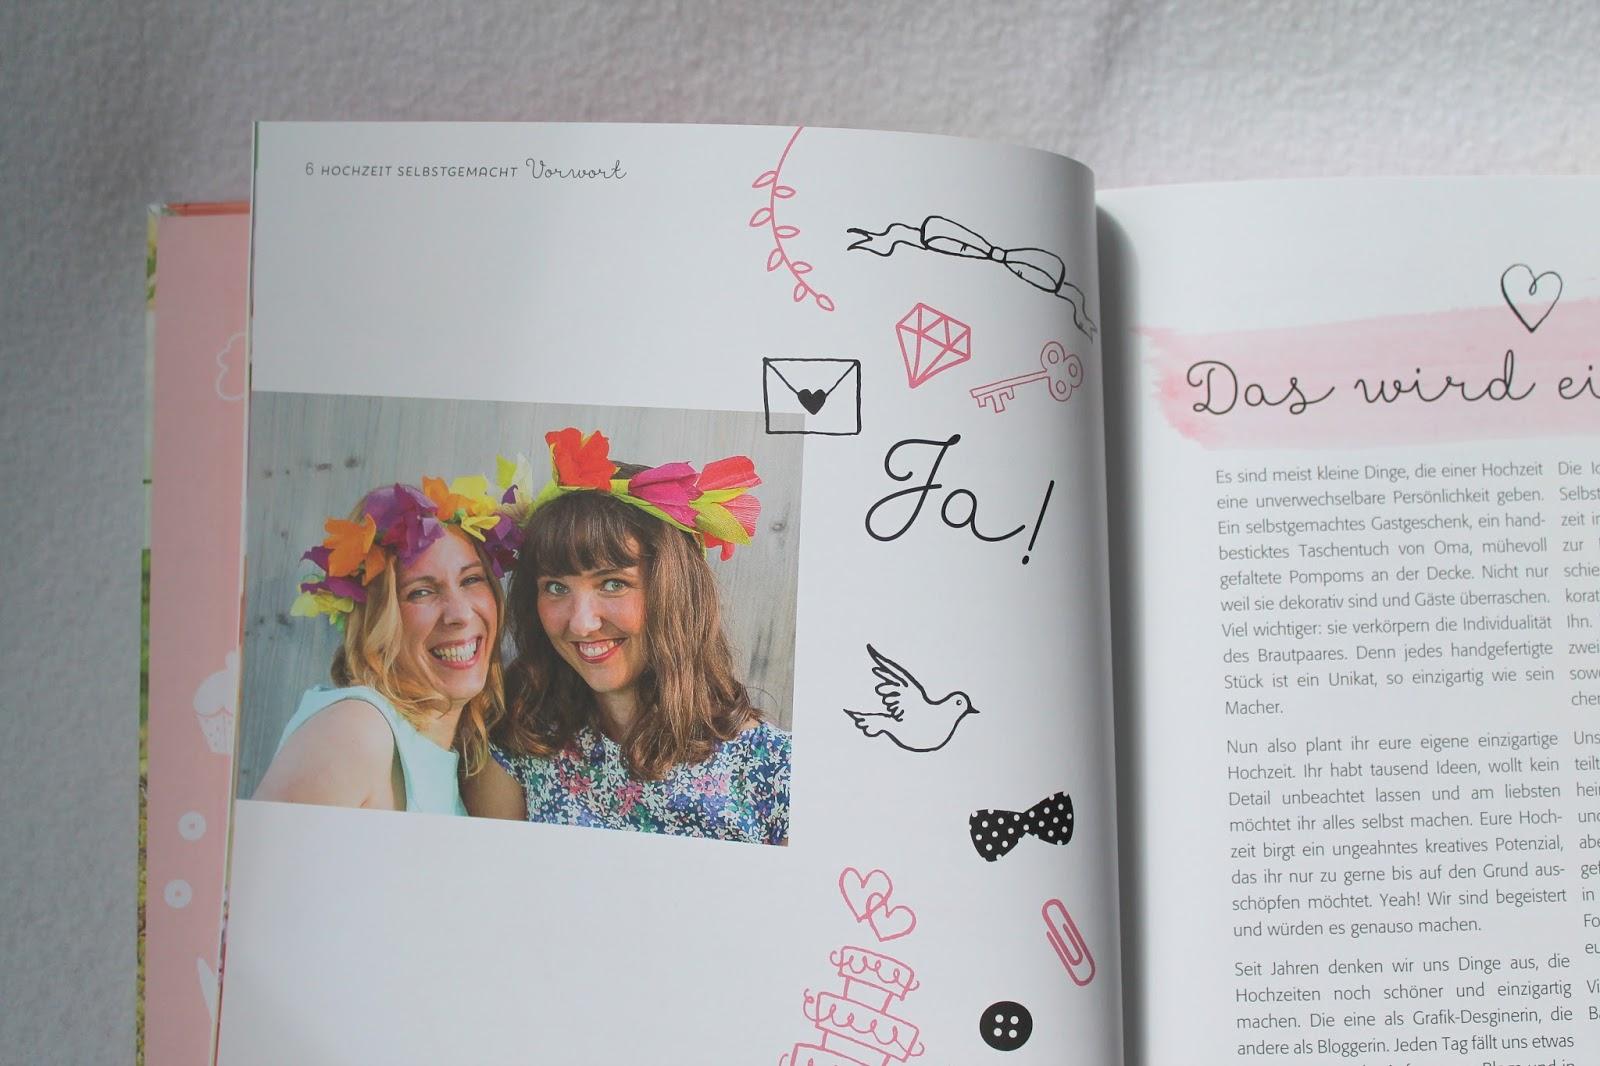 Autorinnen Hochzeit mit Liebe selbstgemacht Julia Romeiss und Nicola Neubauer